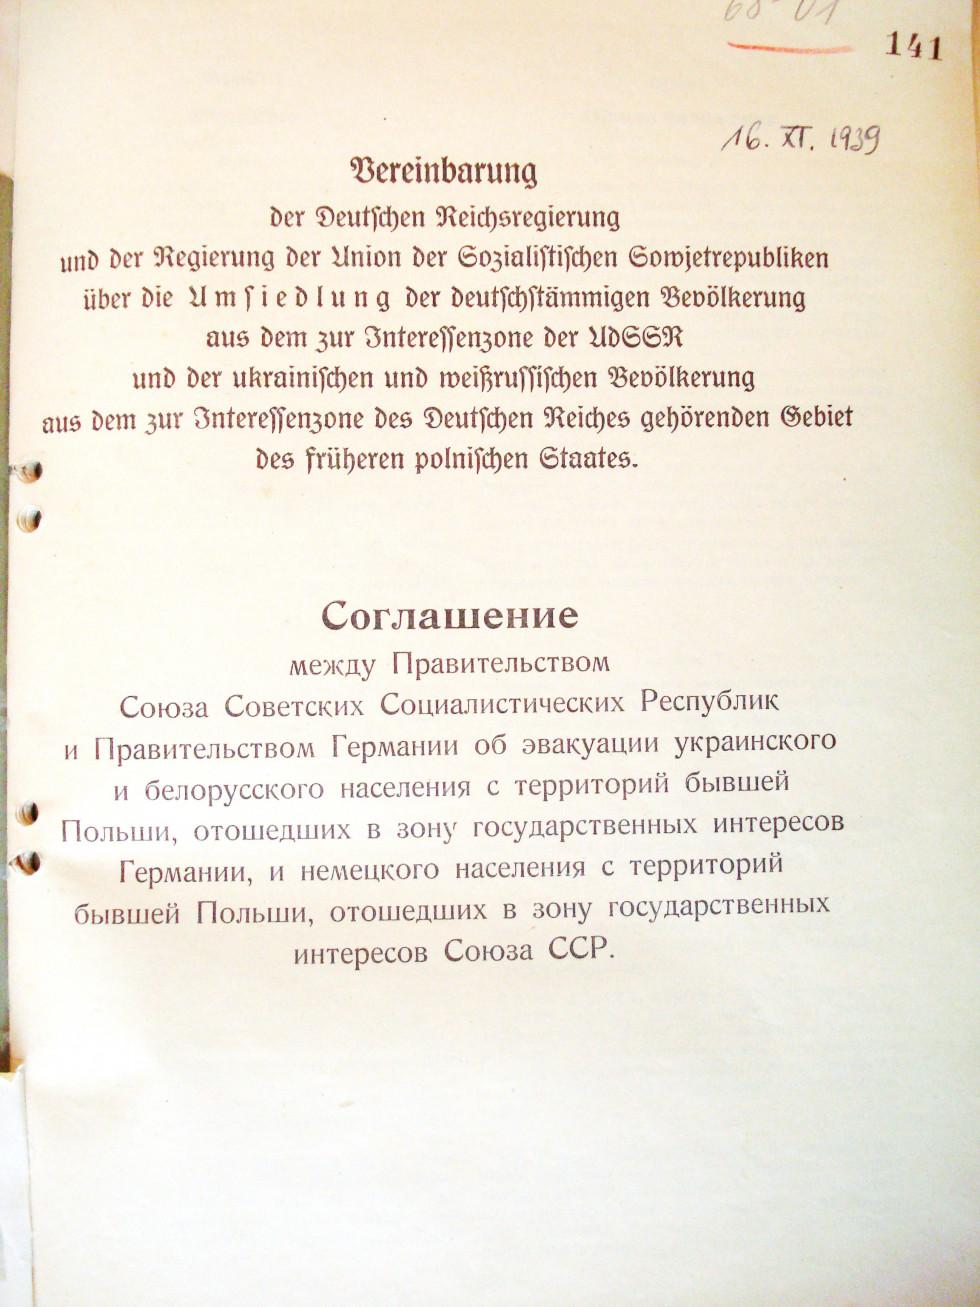 Угода між урядами СРСР та Німеччиини від 16.11.1939 р. про обмін населенням